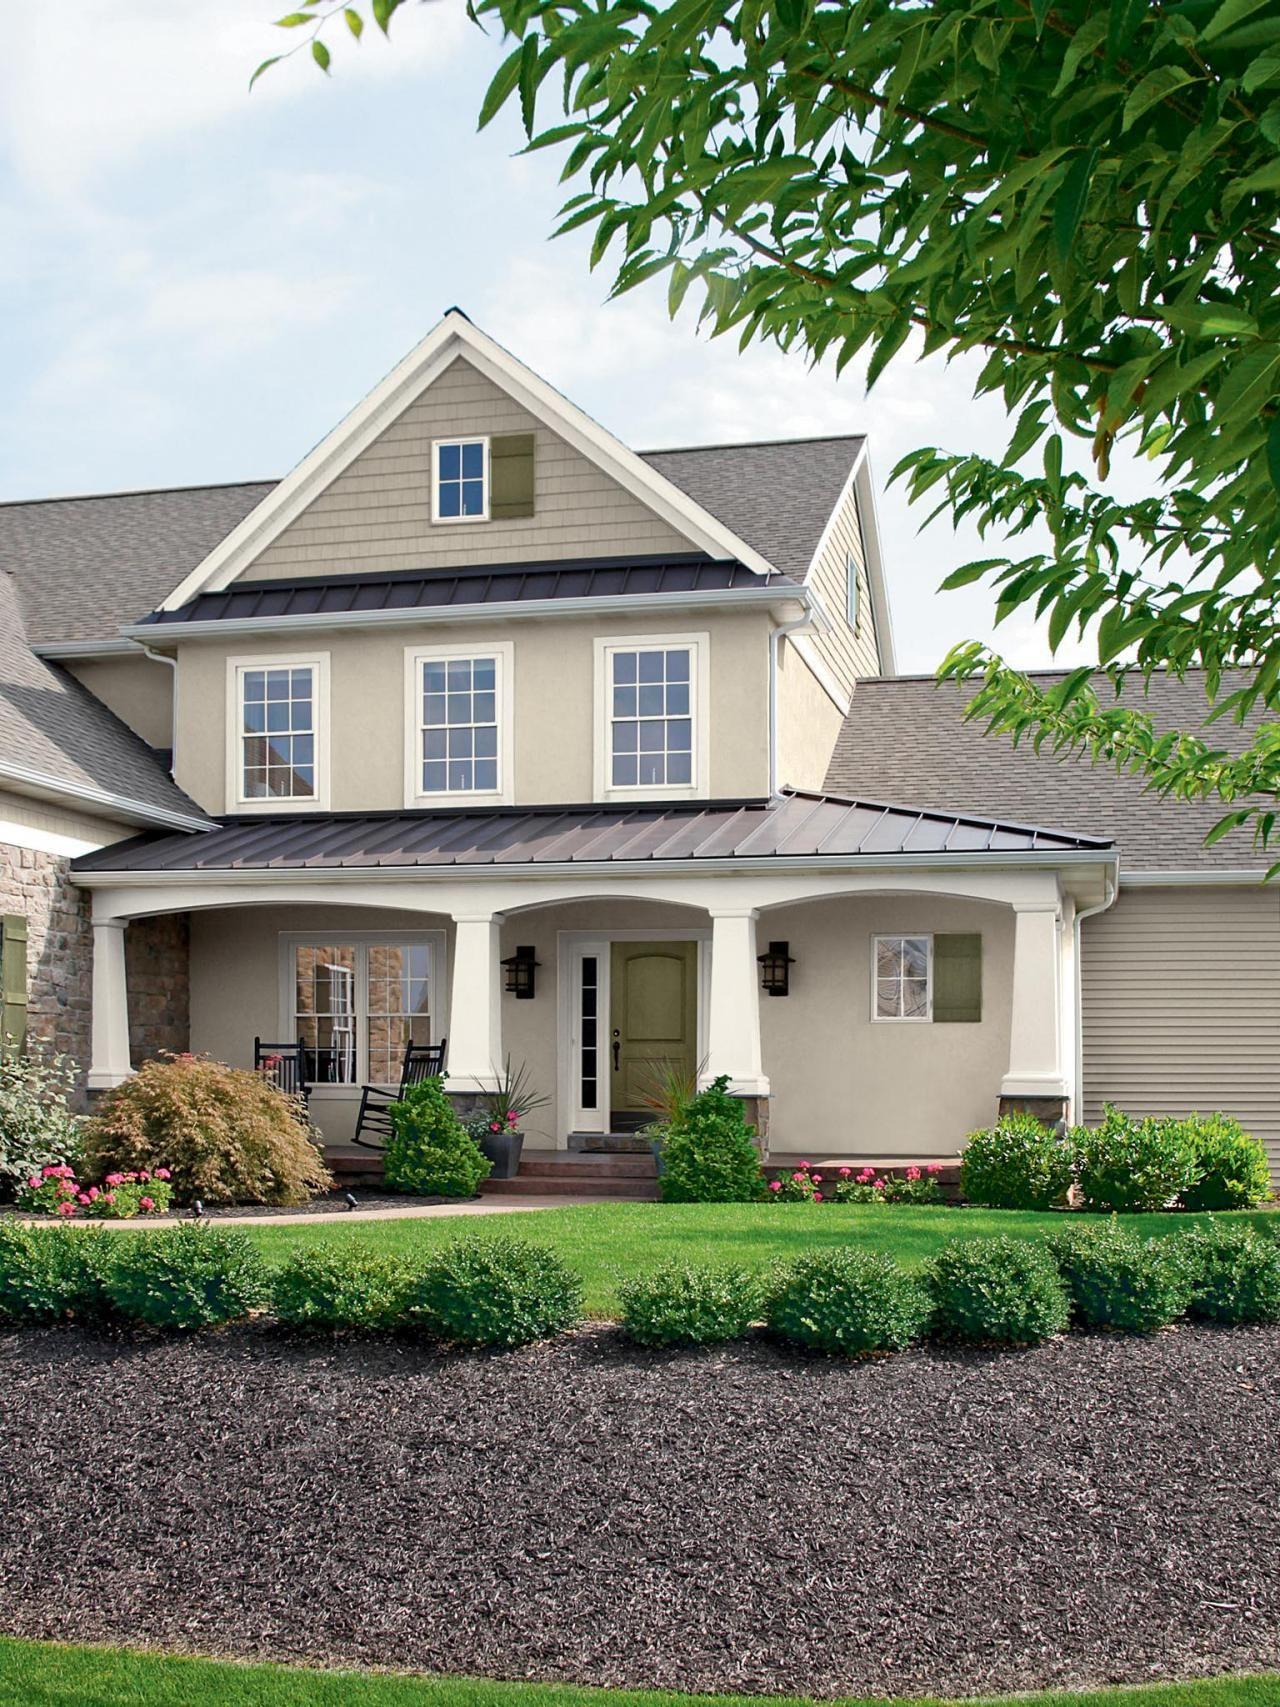 20 Inviting Home Exterior Color Ideas Outdoor Design Landscaping Porches Decks Patios Hgtv